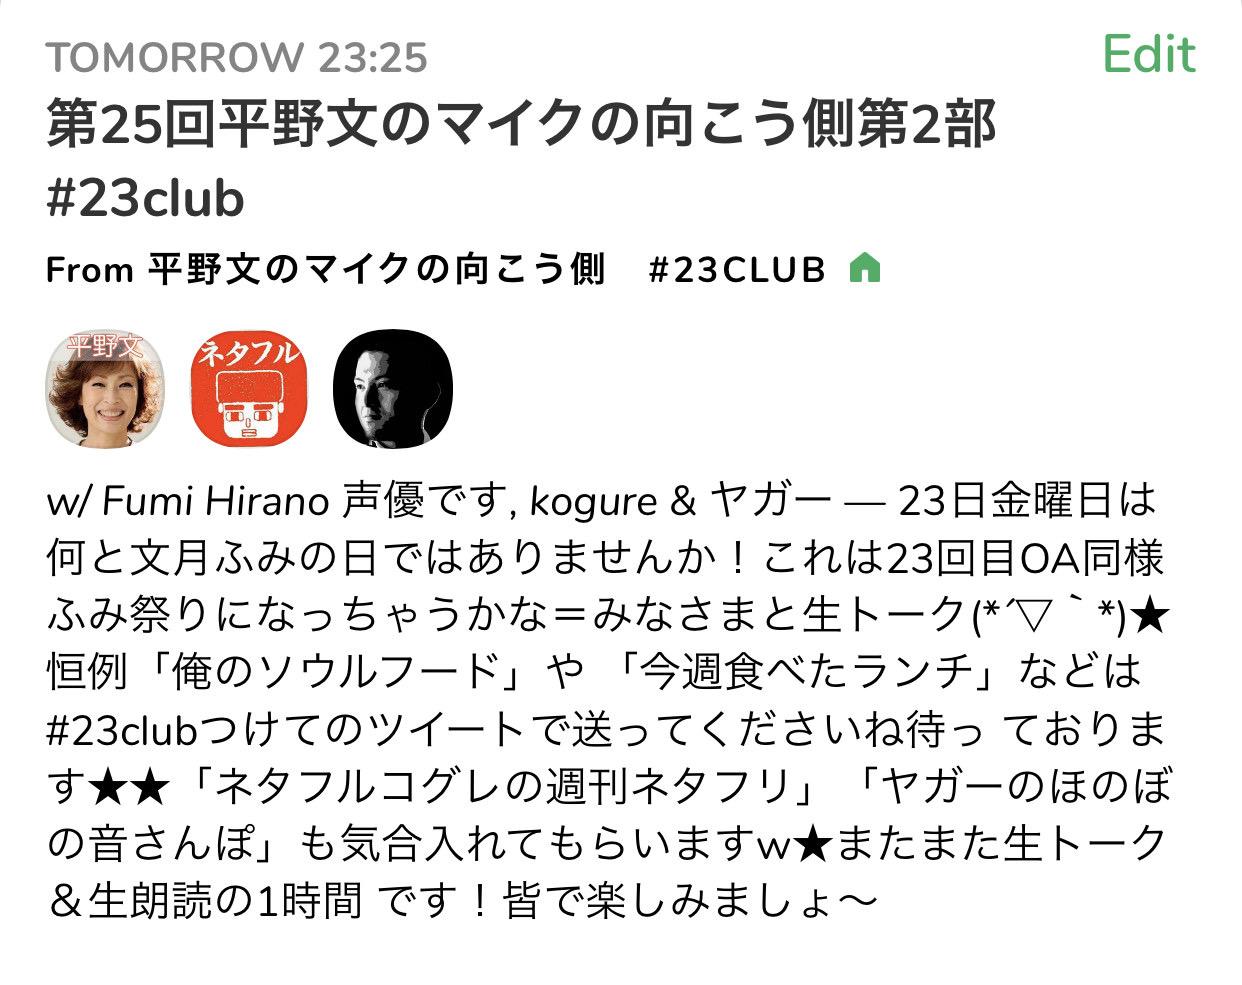 Clubhouse no invite 23